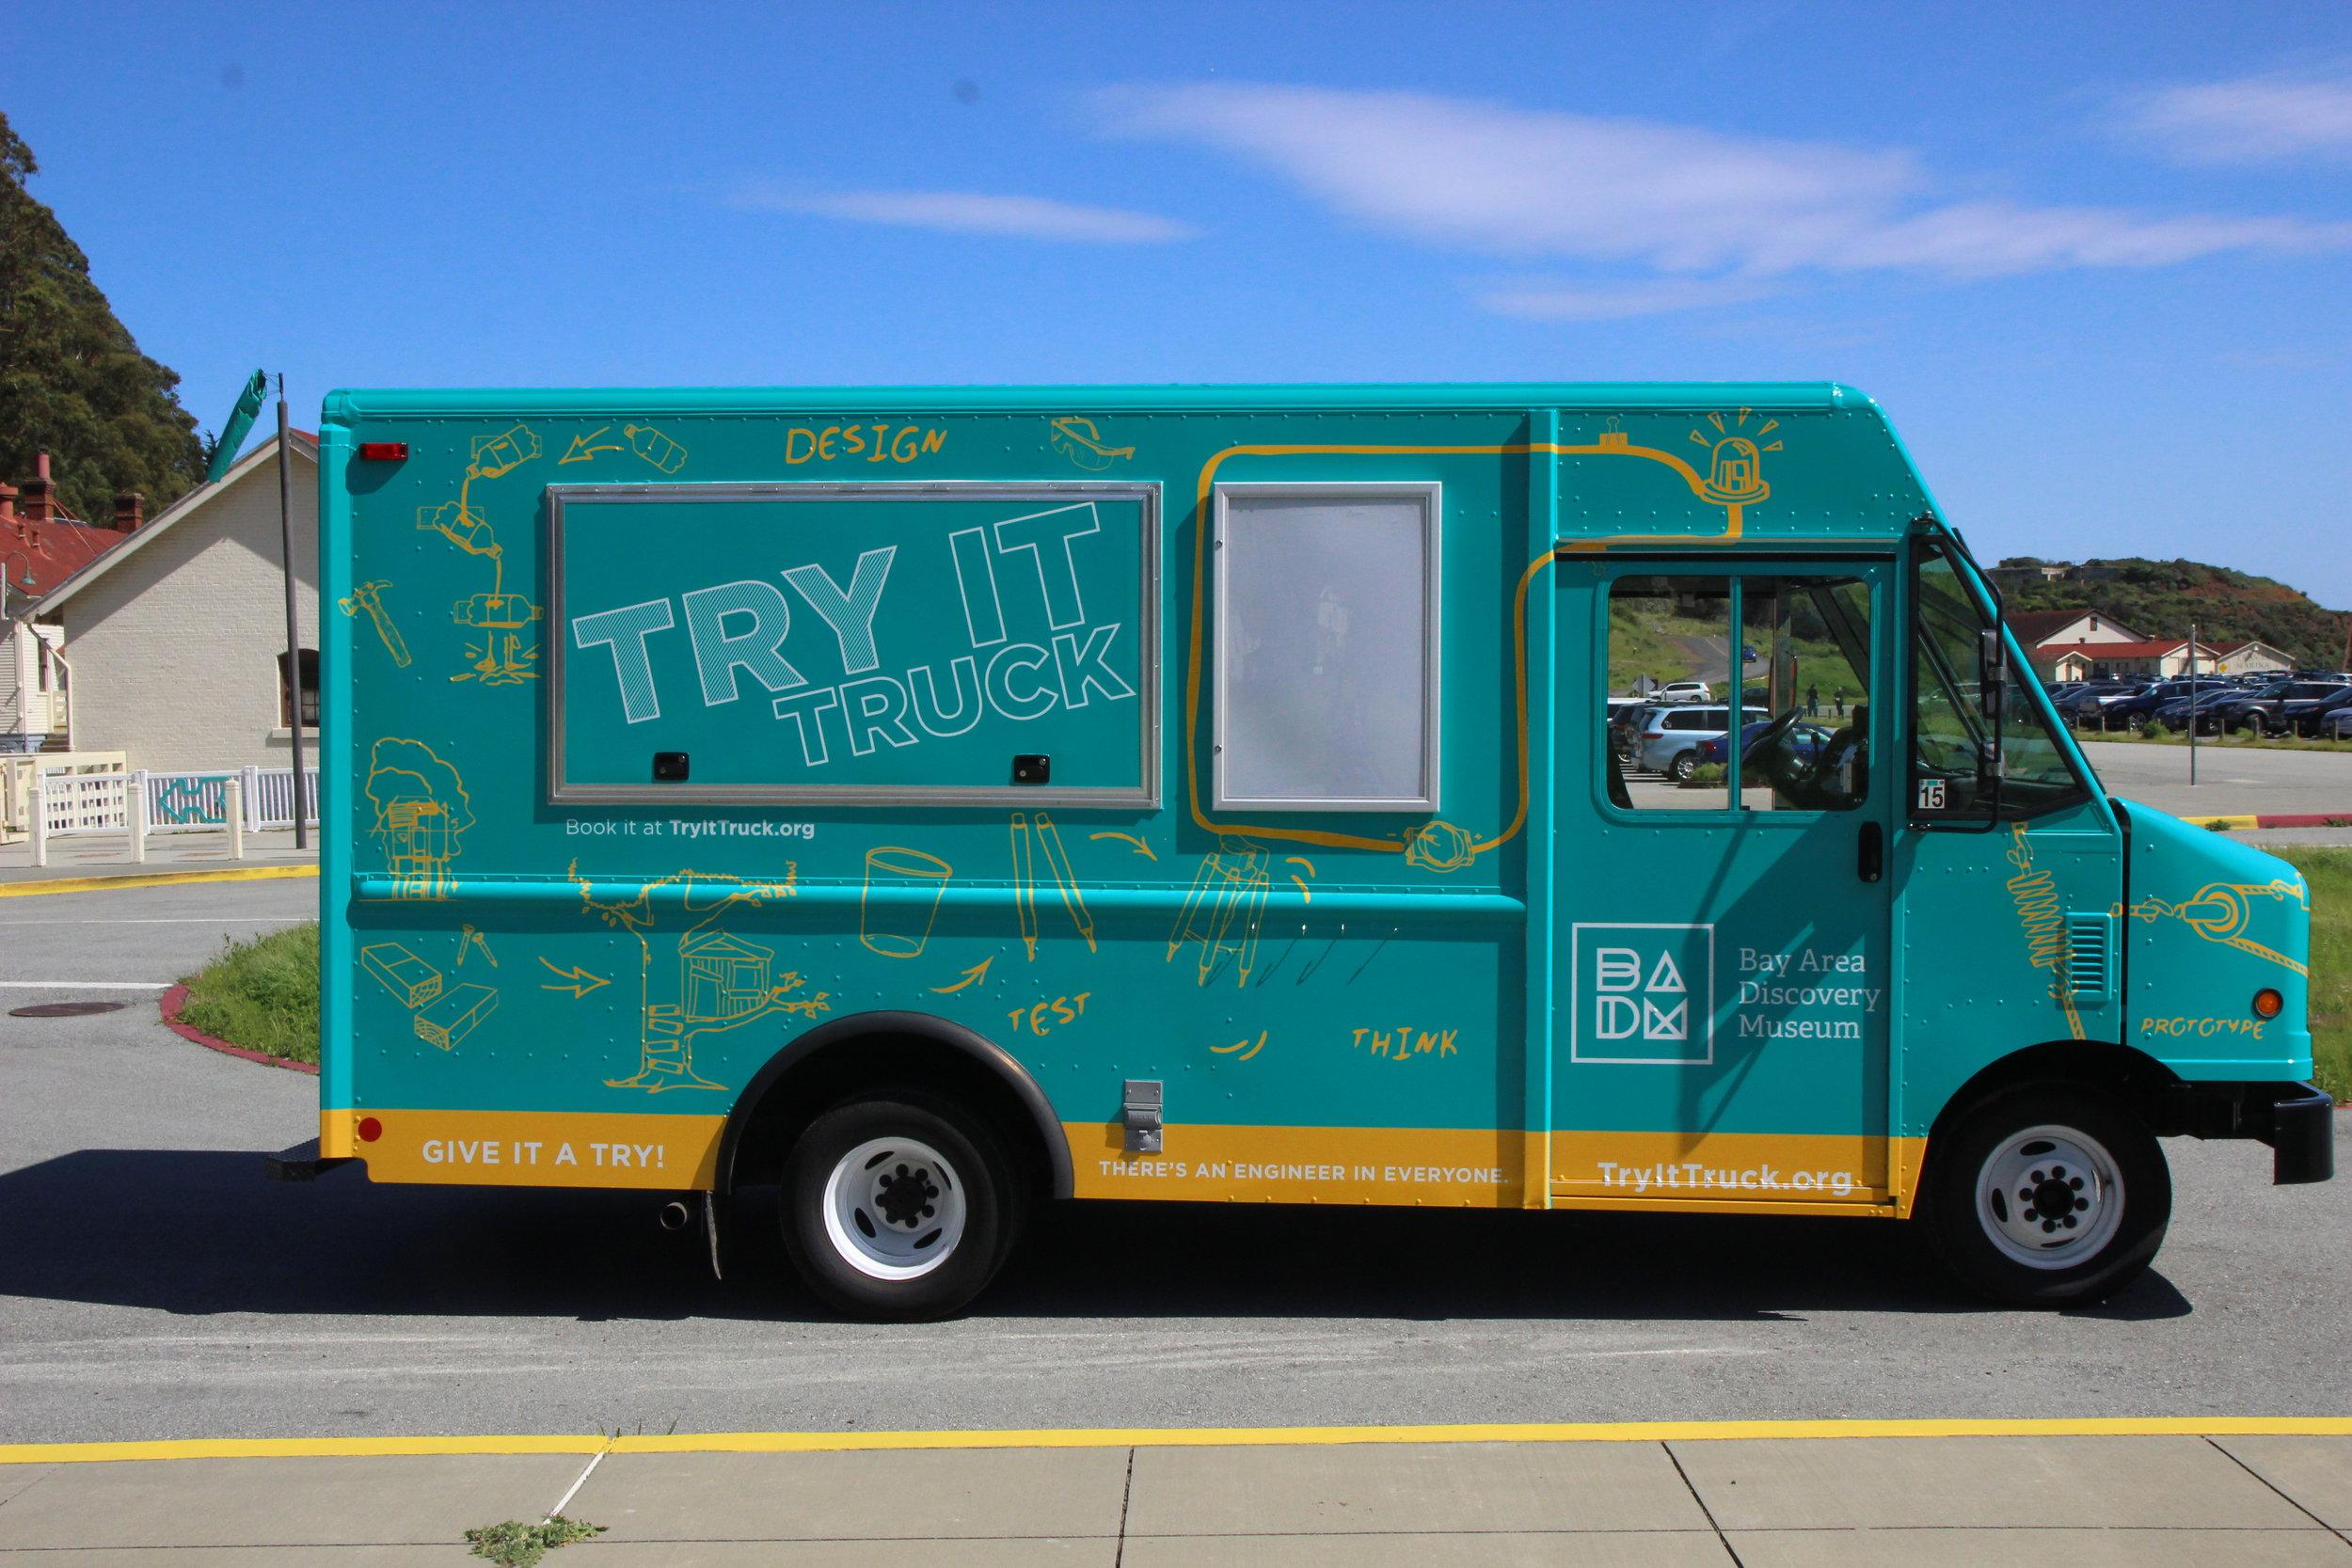 Try-it-Truck-photo.jpg